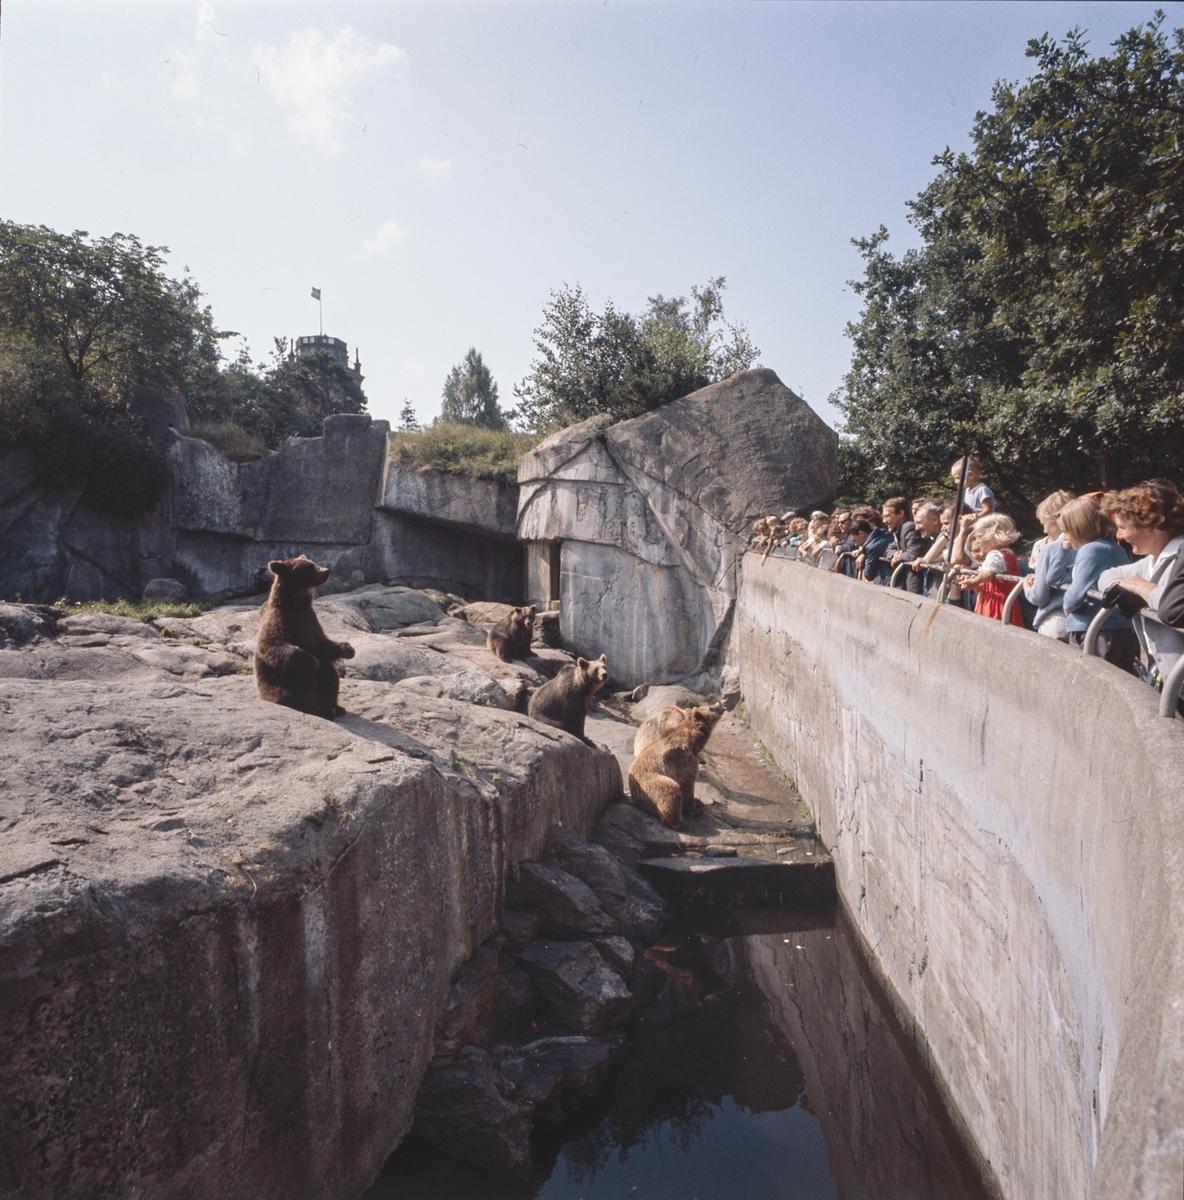 Skansens gäster tittar på brunbjörnarna på Björnberget.